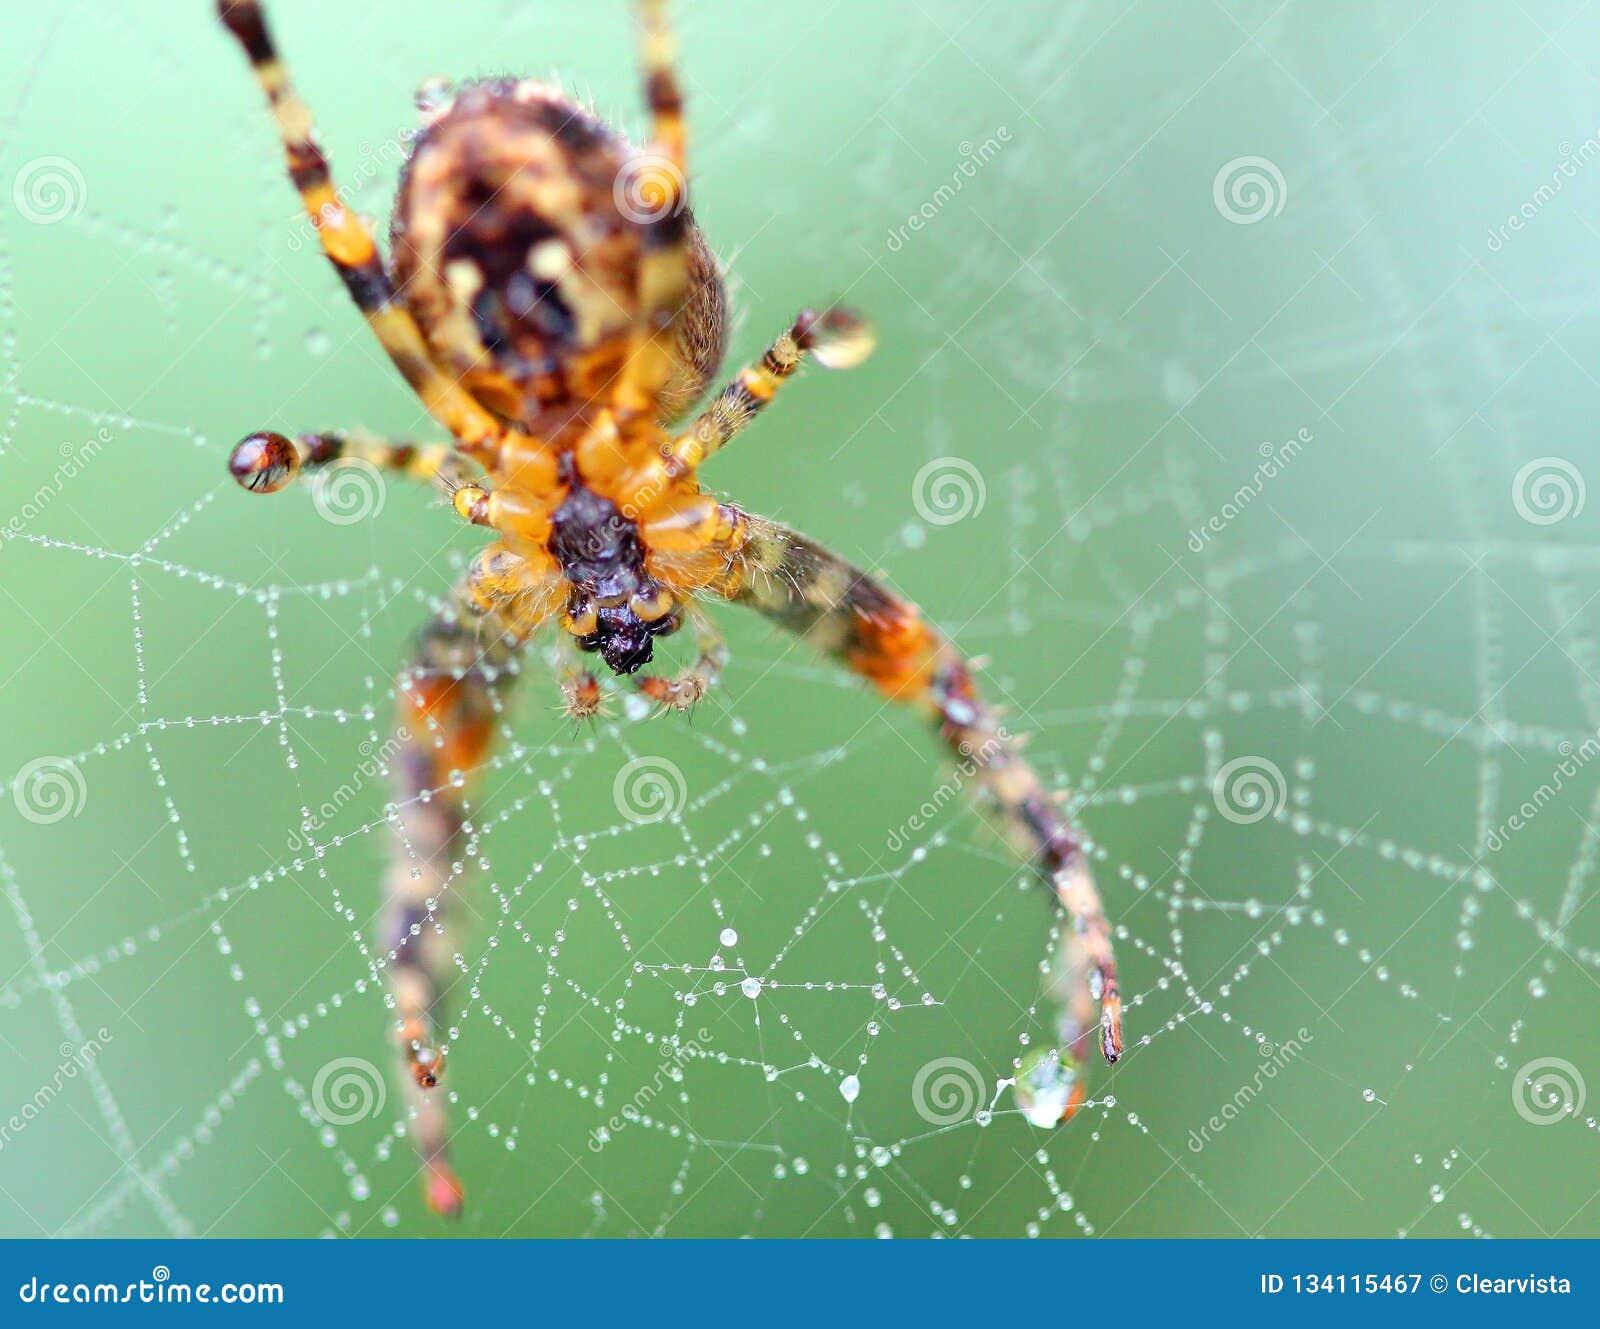 Schließen Sie oben von einer Spinne in einem Netz arachnid